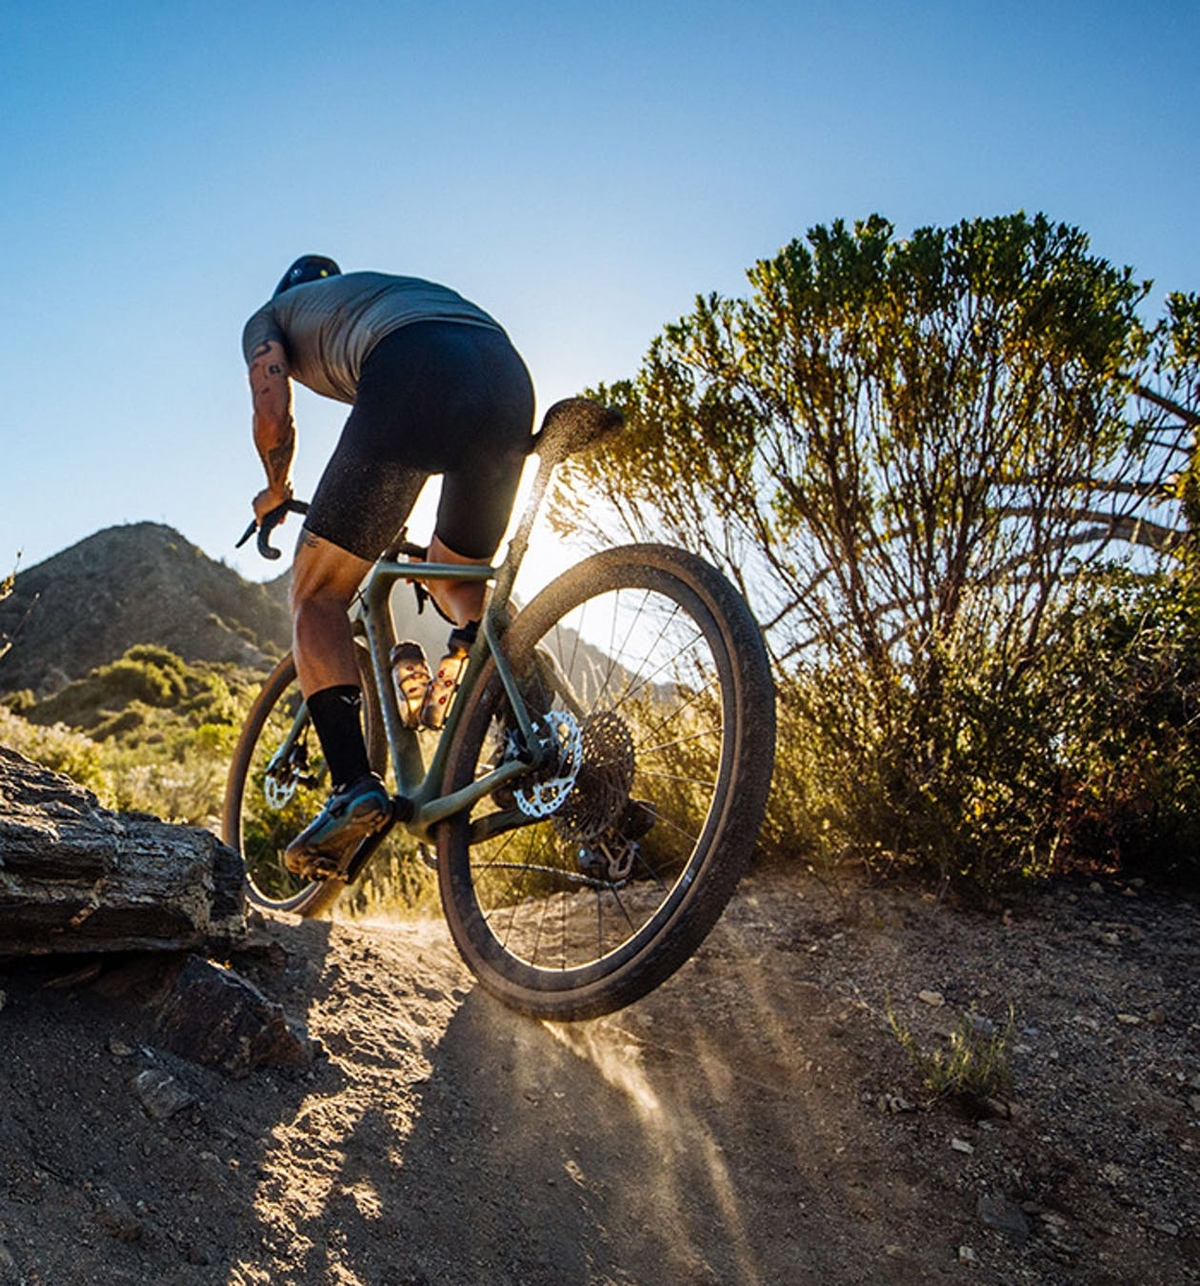 Le Santa Cruz Stigmata en action sur un chemin poussiéreux